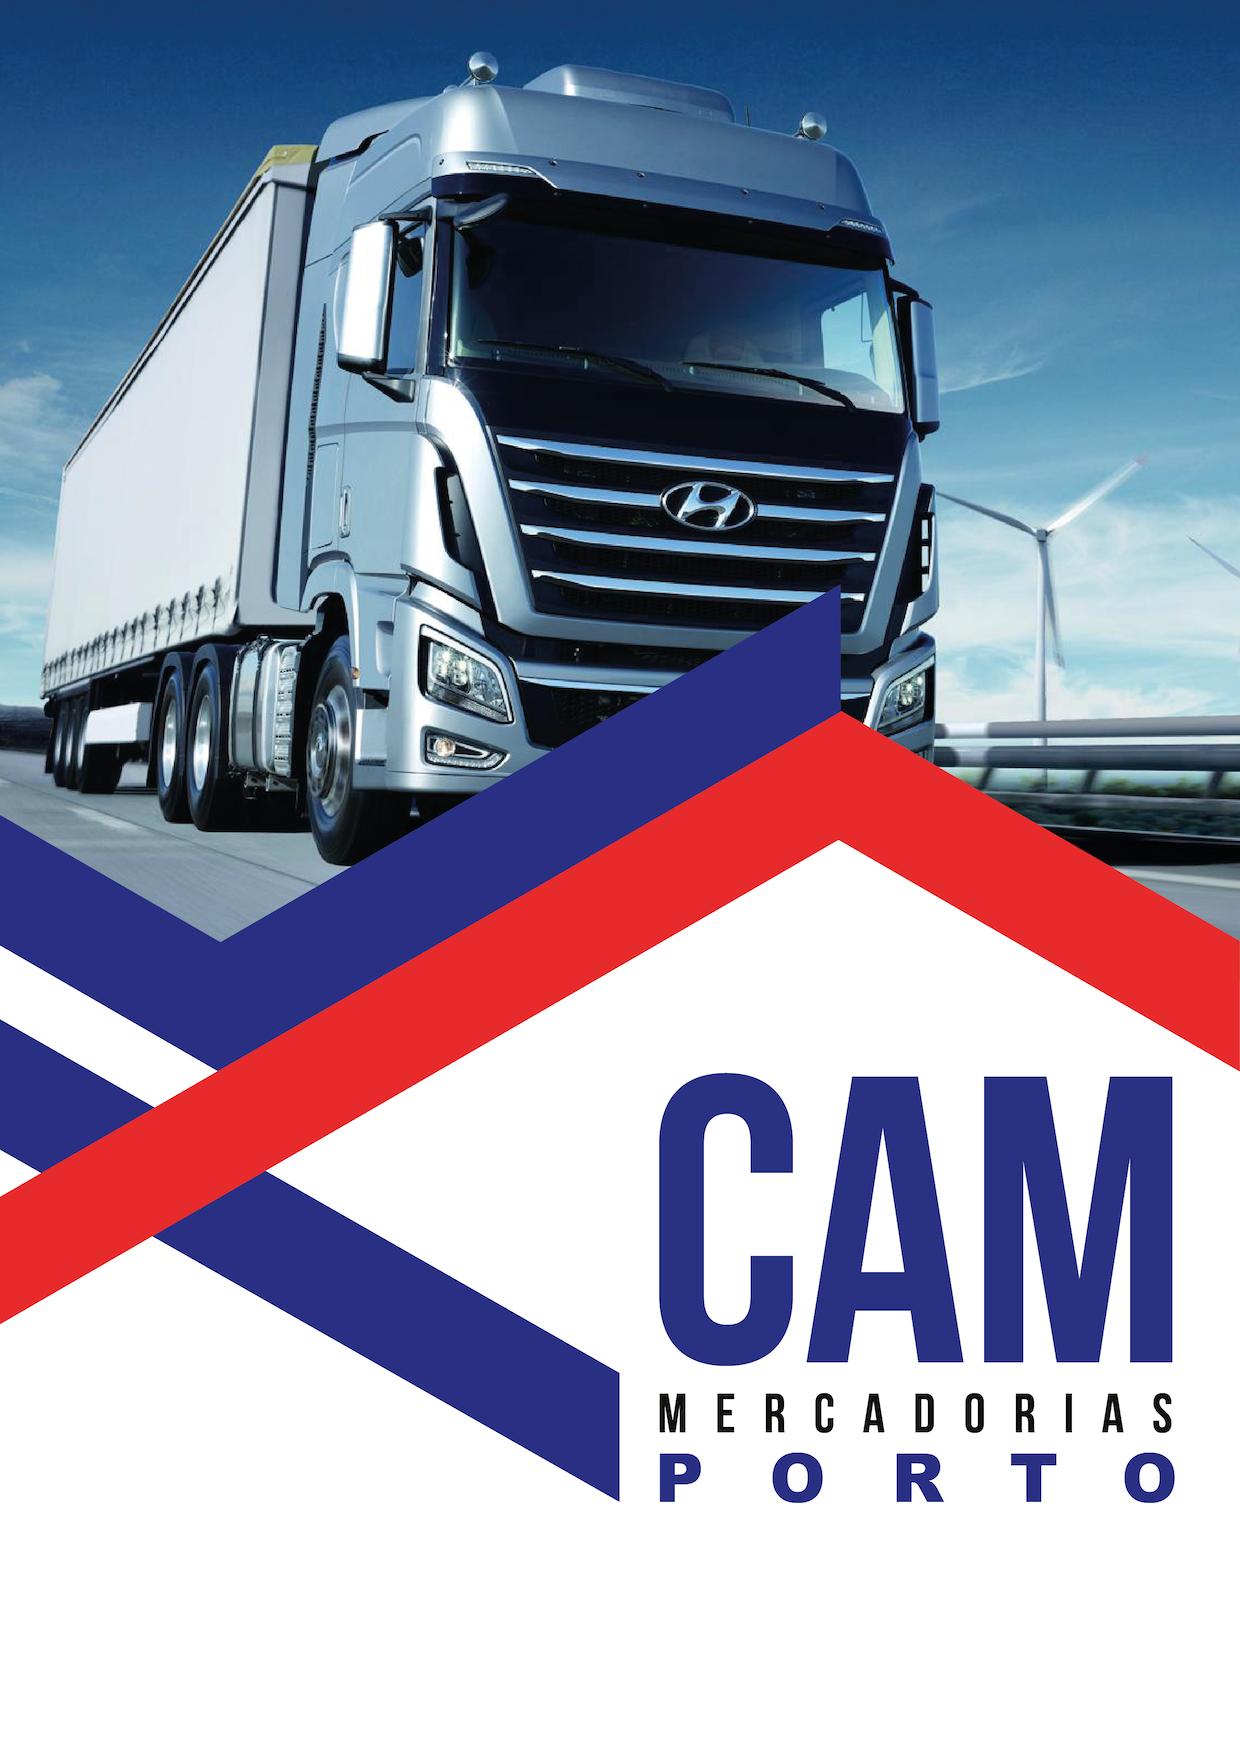 00/00 CAM FIA M - Cidade - MODELO